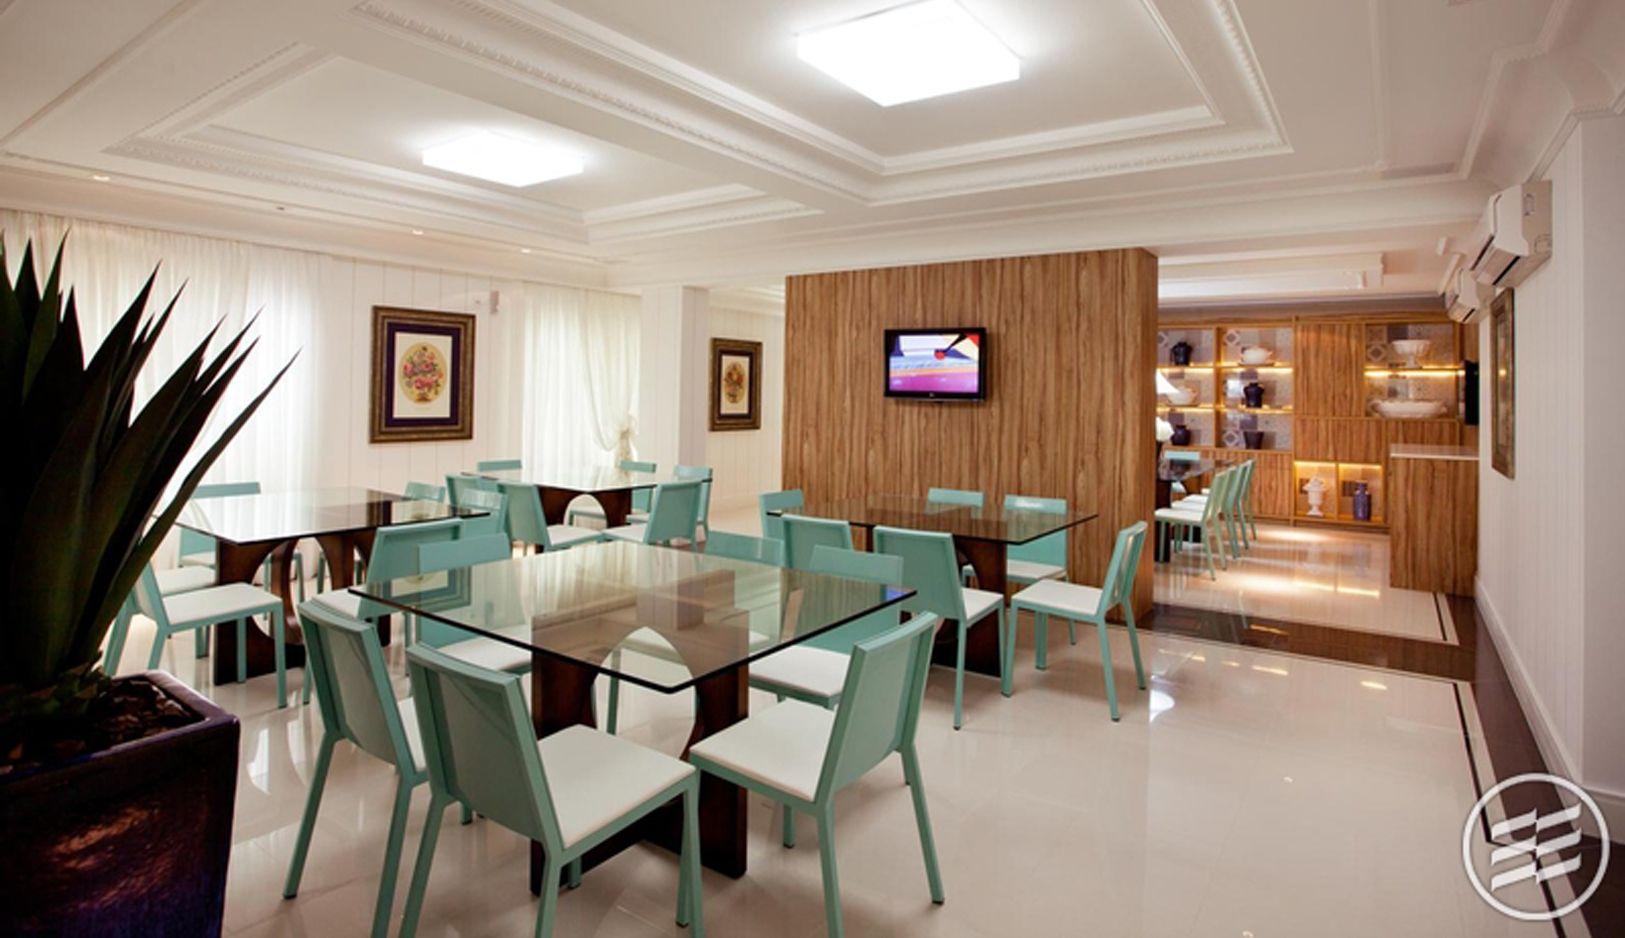 Apartamento Mobiliado, Decorado e Equipado no Majestic Residence em Balneário Camboriú